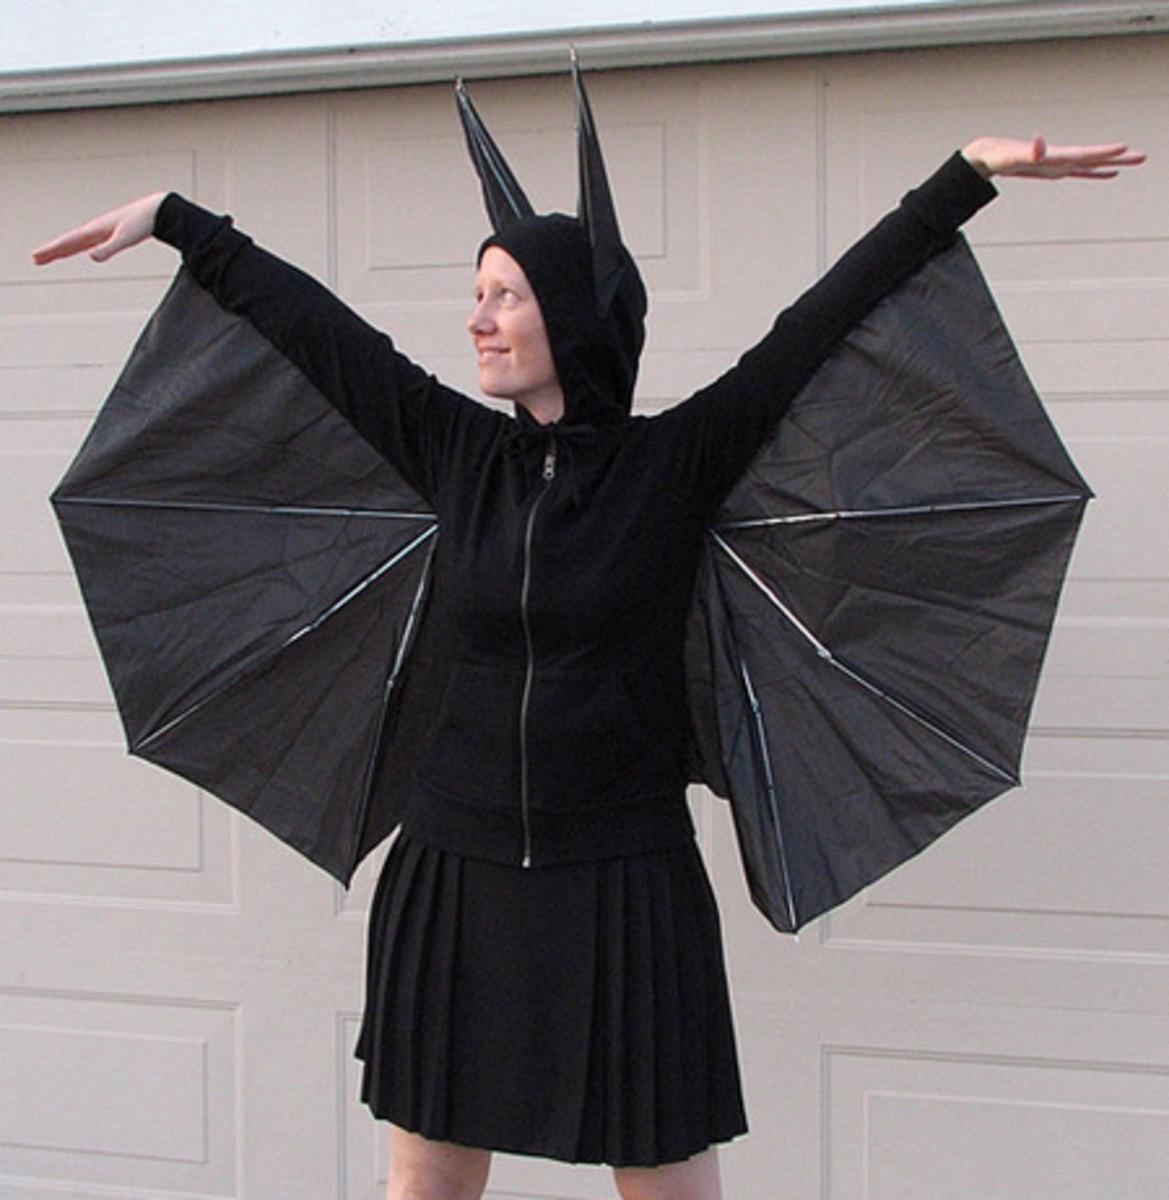 Umbrella Bat Costume